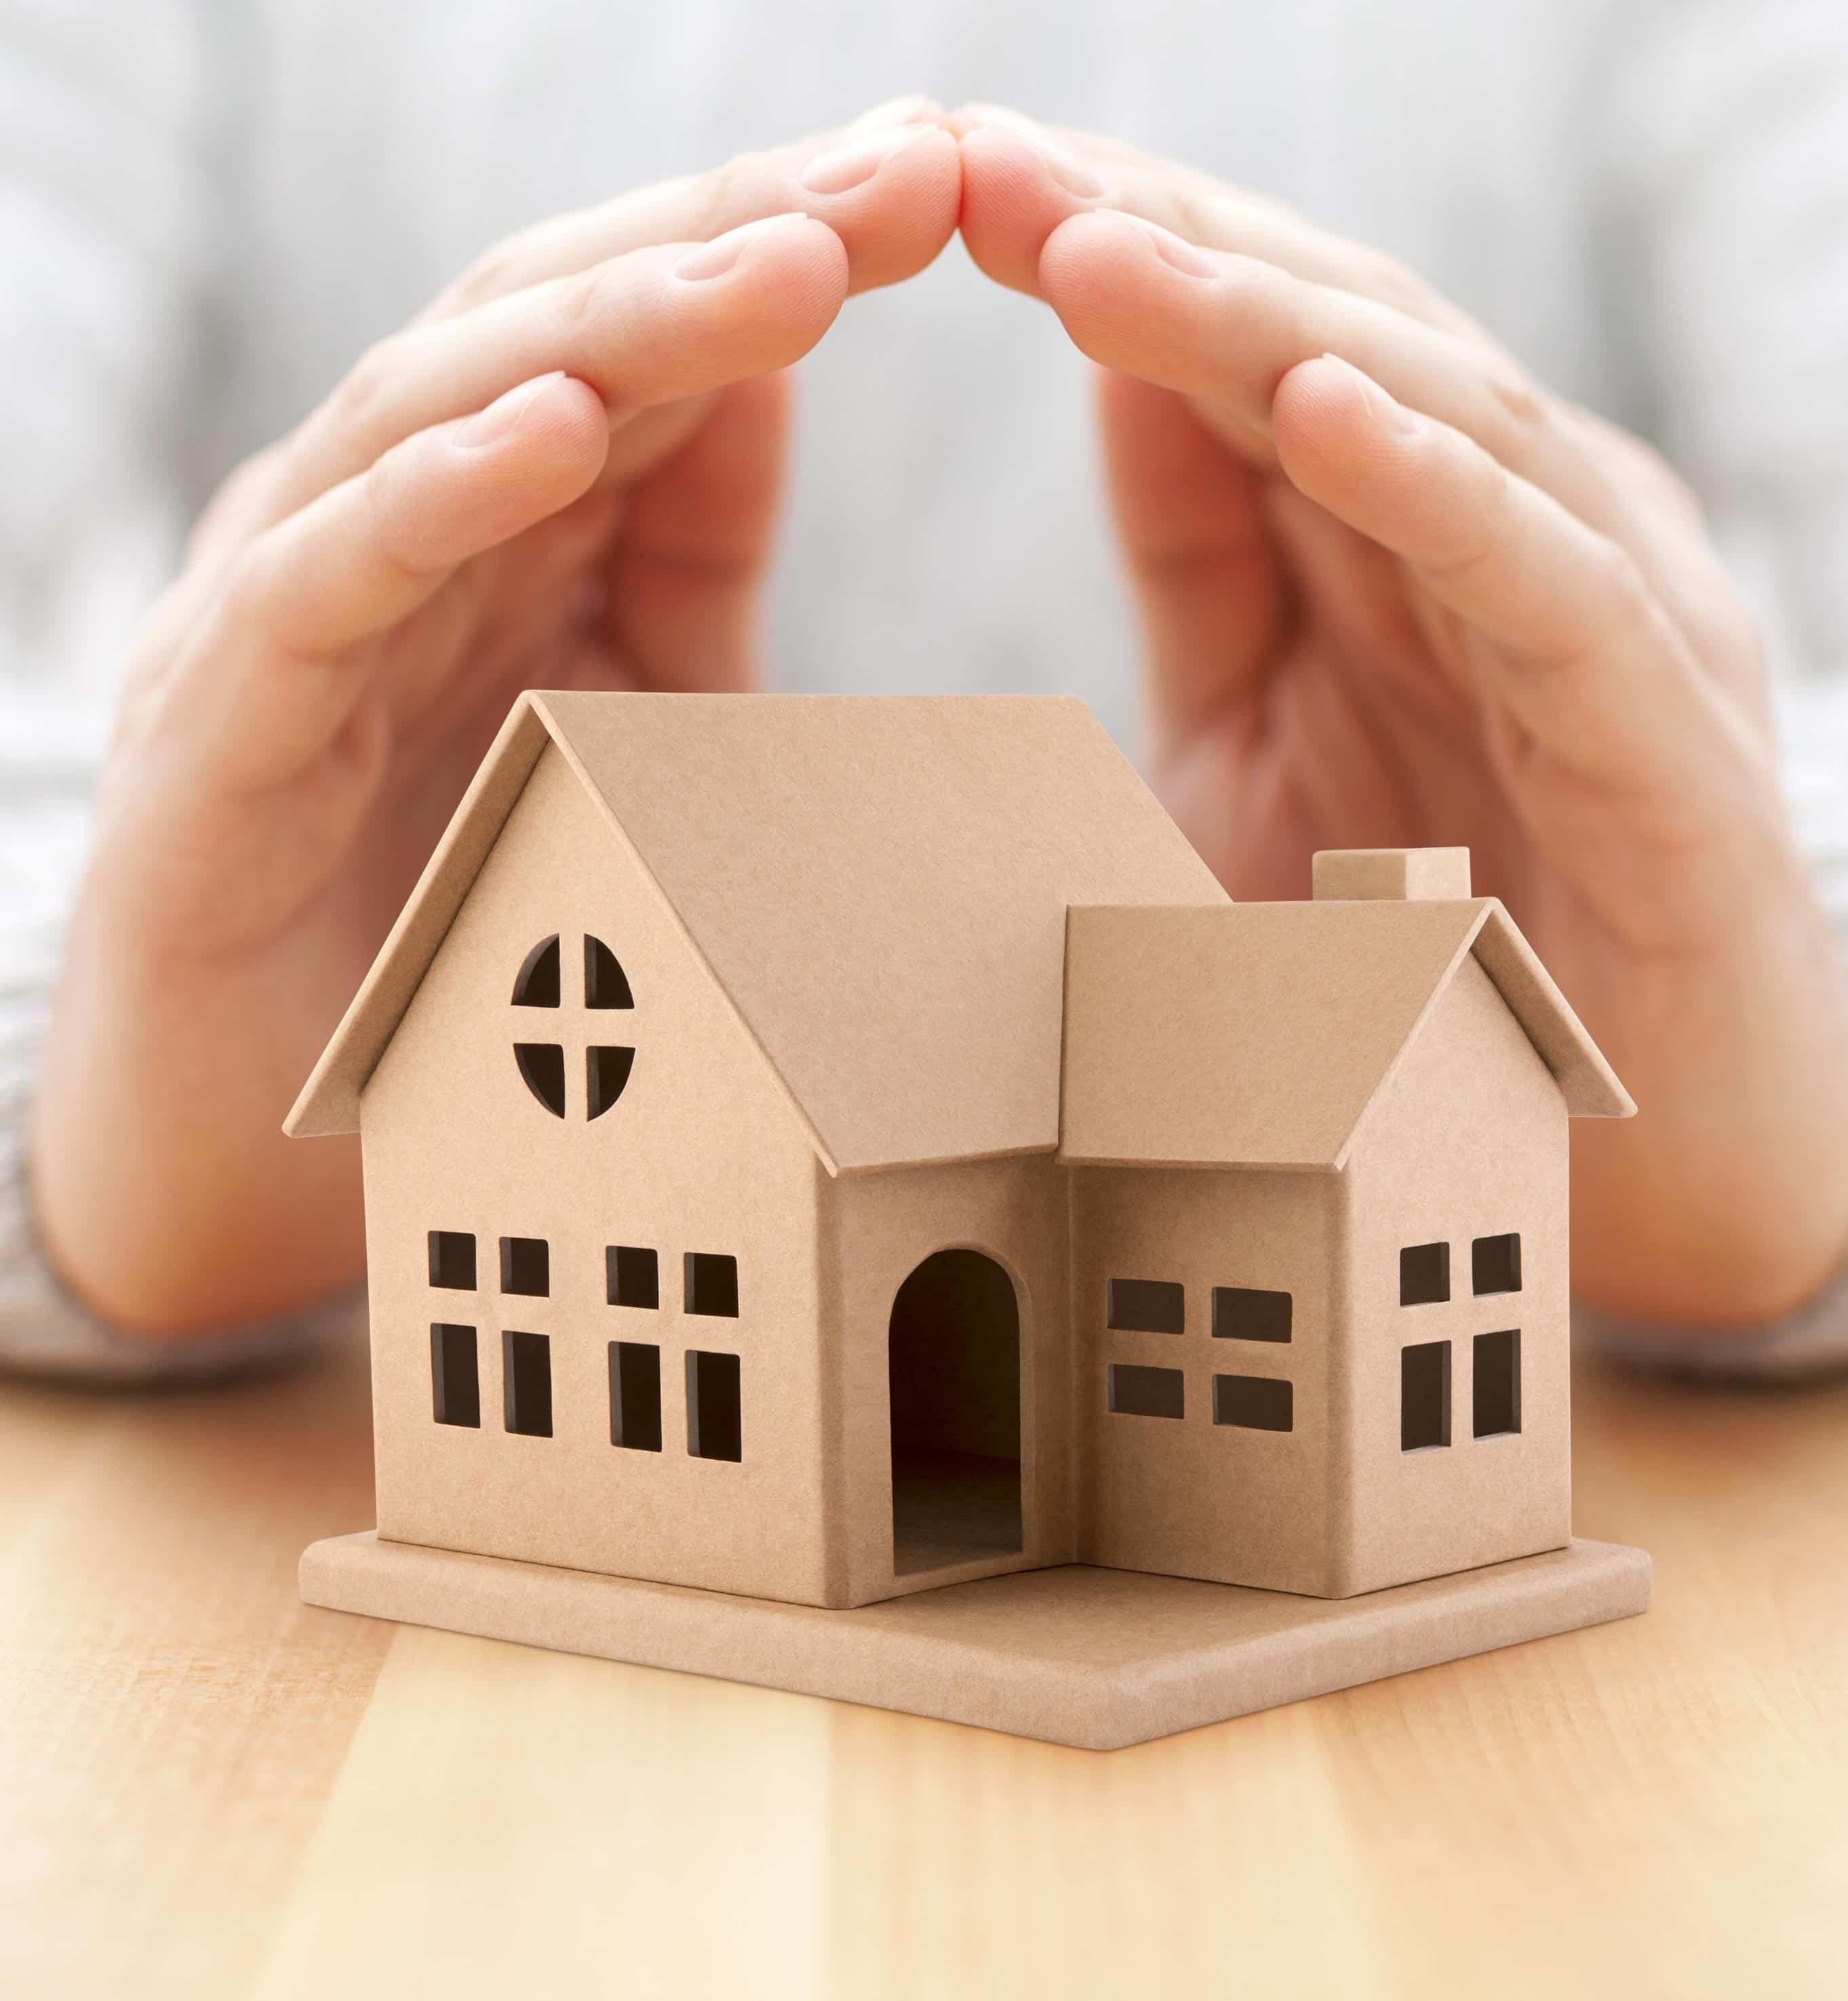 Recherche assurance : quels sont les critères à prendre en considération ?